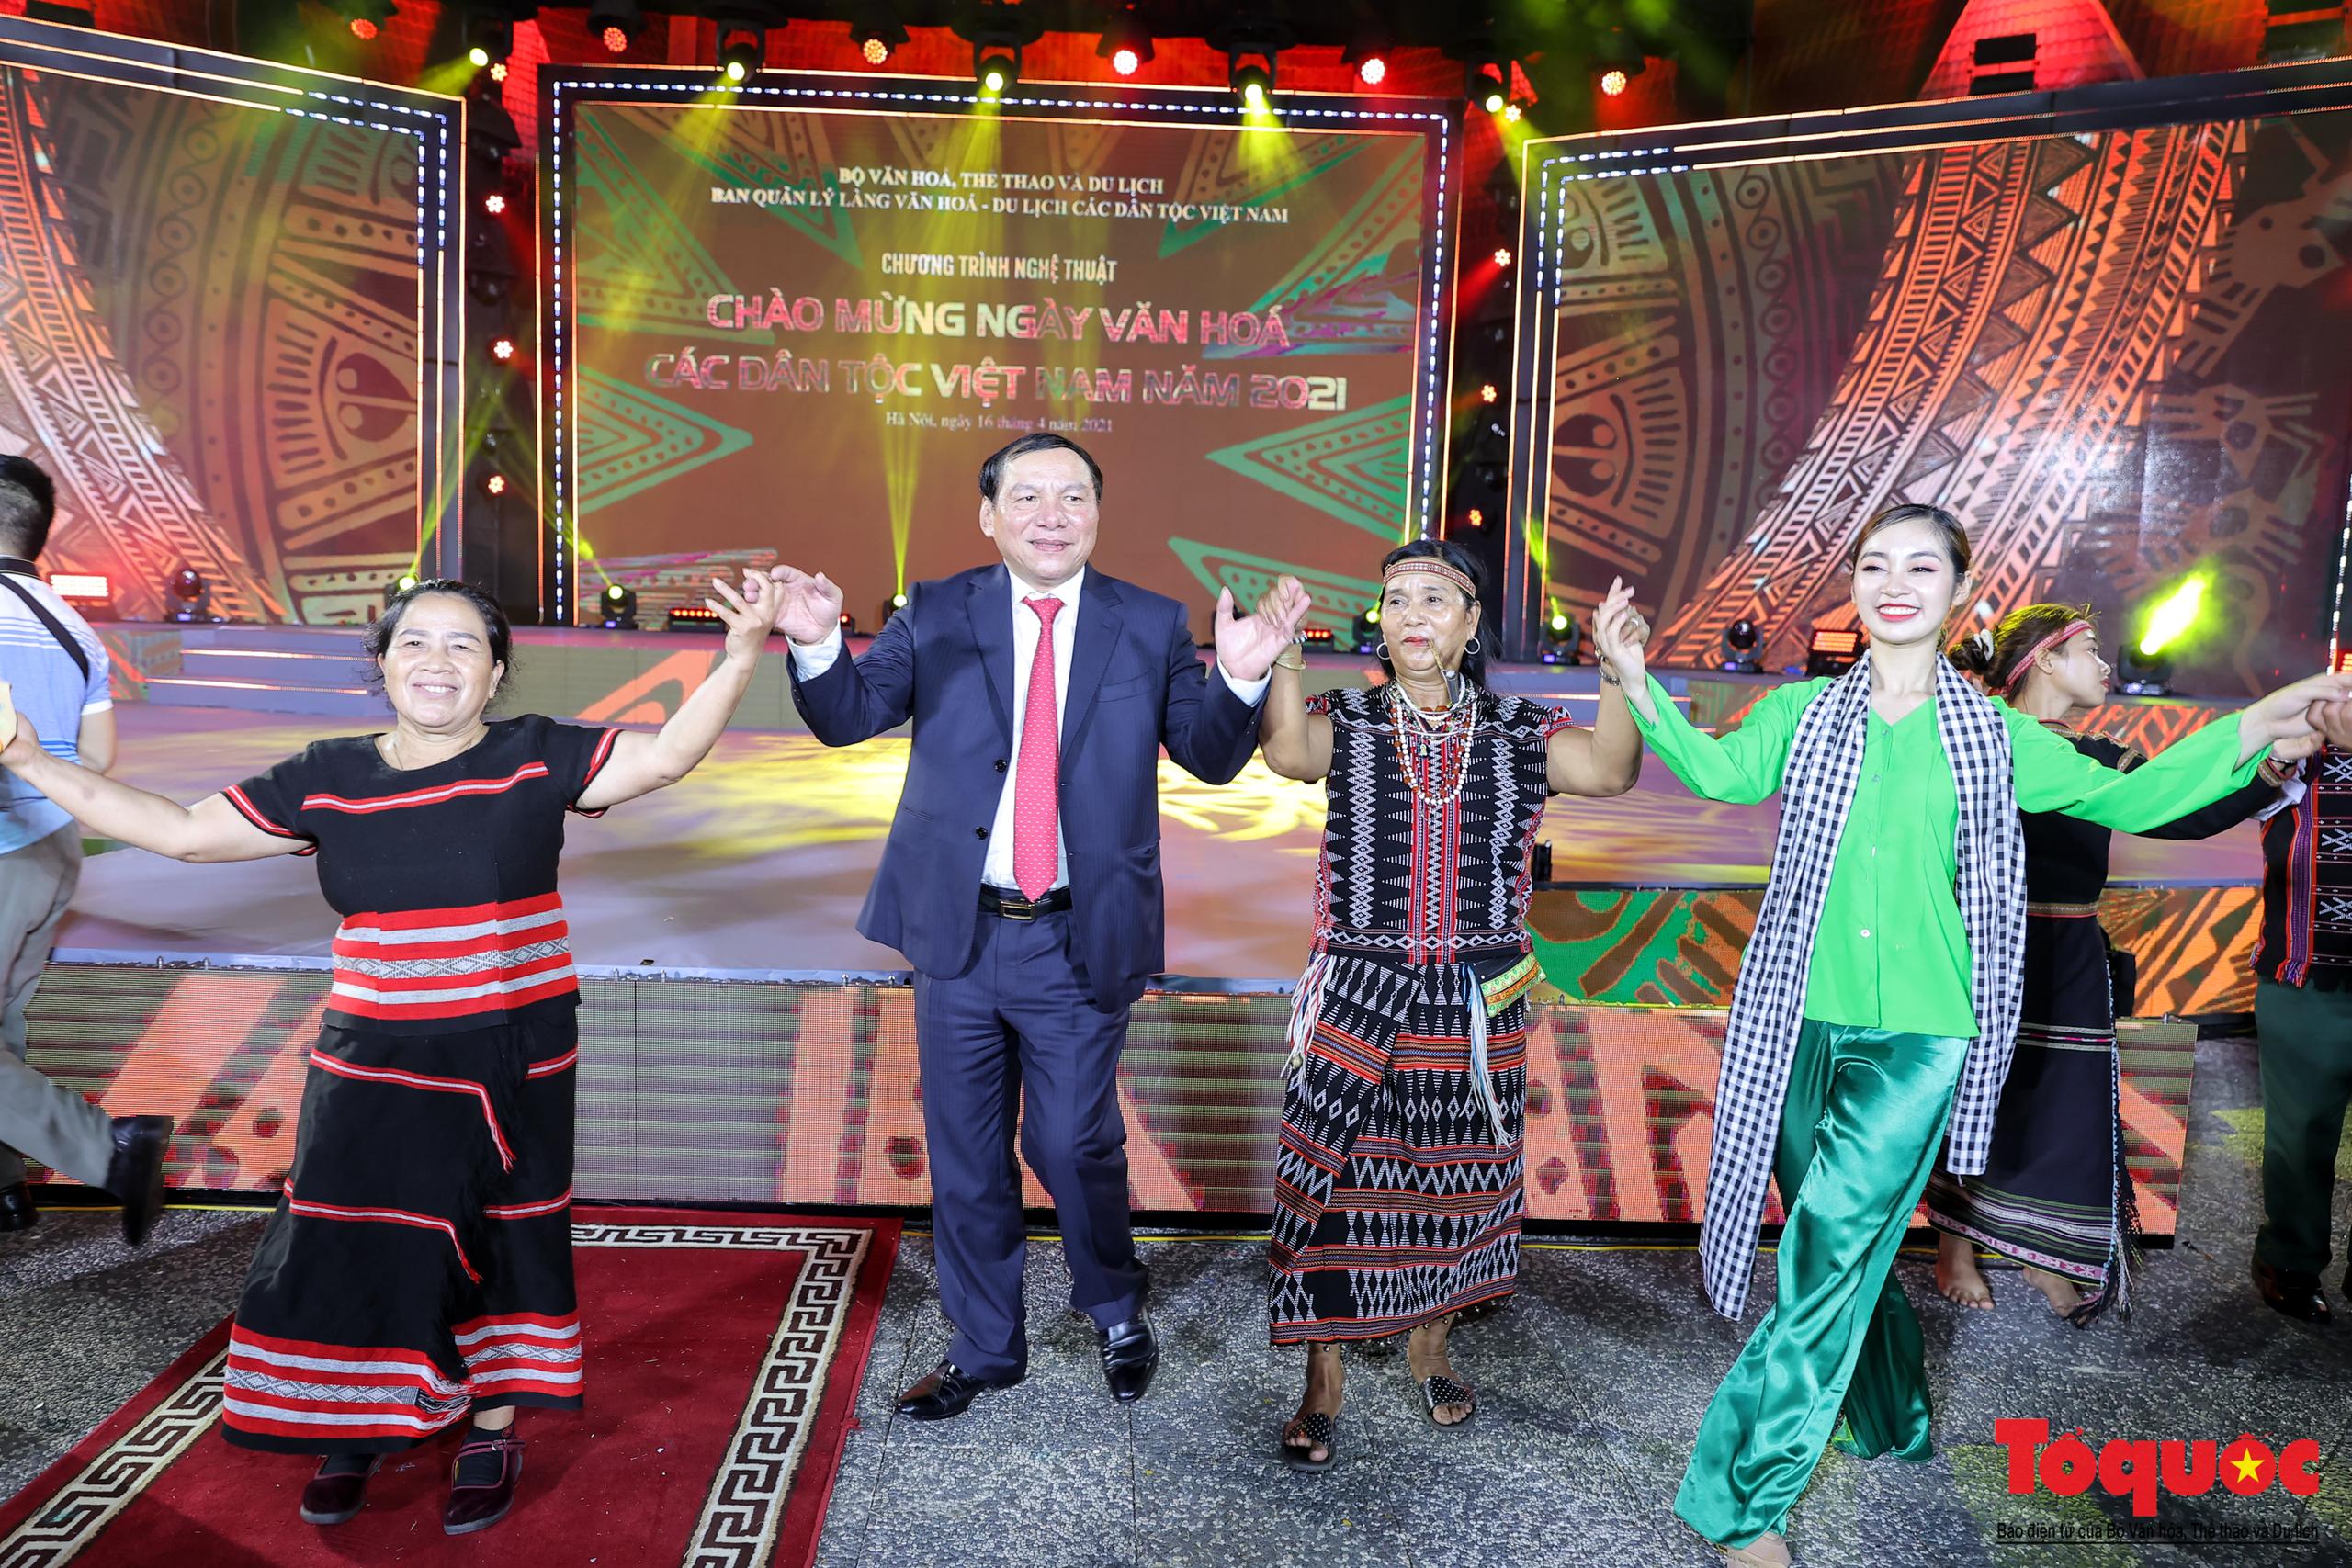 """Chùm ảnh: Chương trình nghệ thuật đặc sắc """"Văn hoá các dân tộc – Hội tụ và phát triển"""" chào mừng Ngày Văn hoá các dân tộc Việt Nam 2021 - Ảnh 12."""